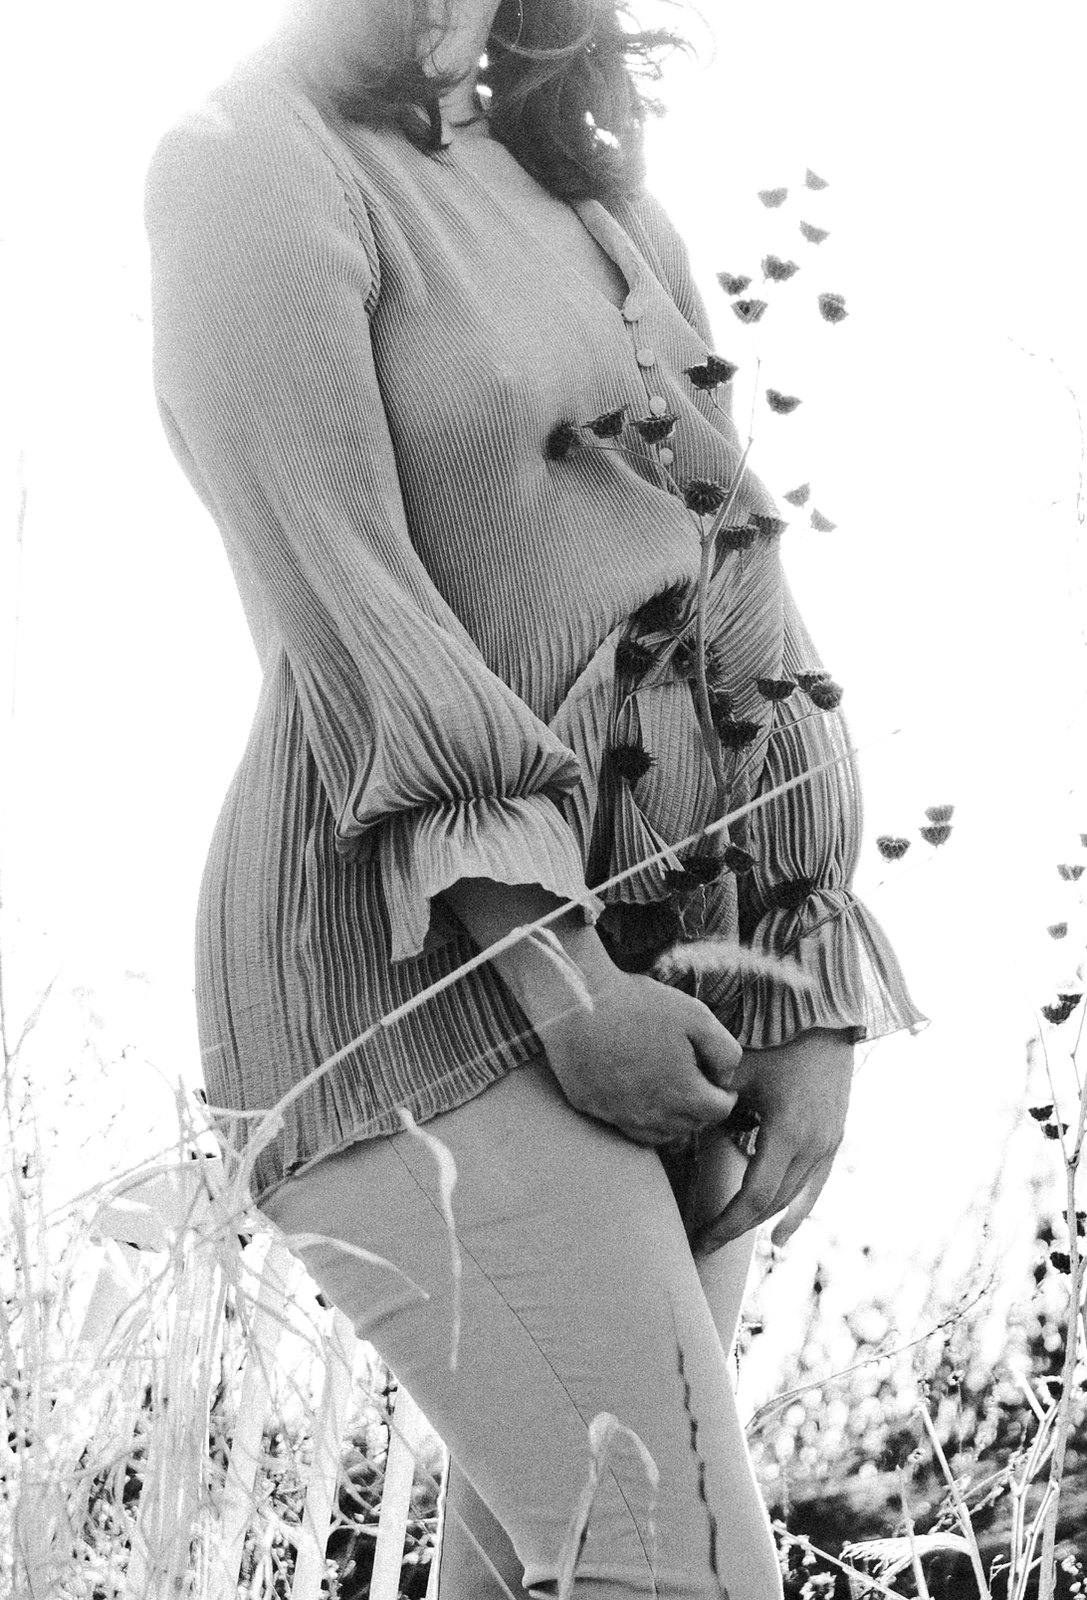 Amelia Blair Smith Photoshoot